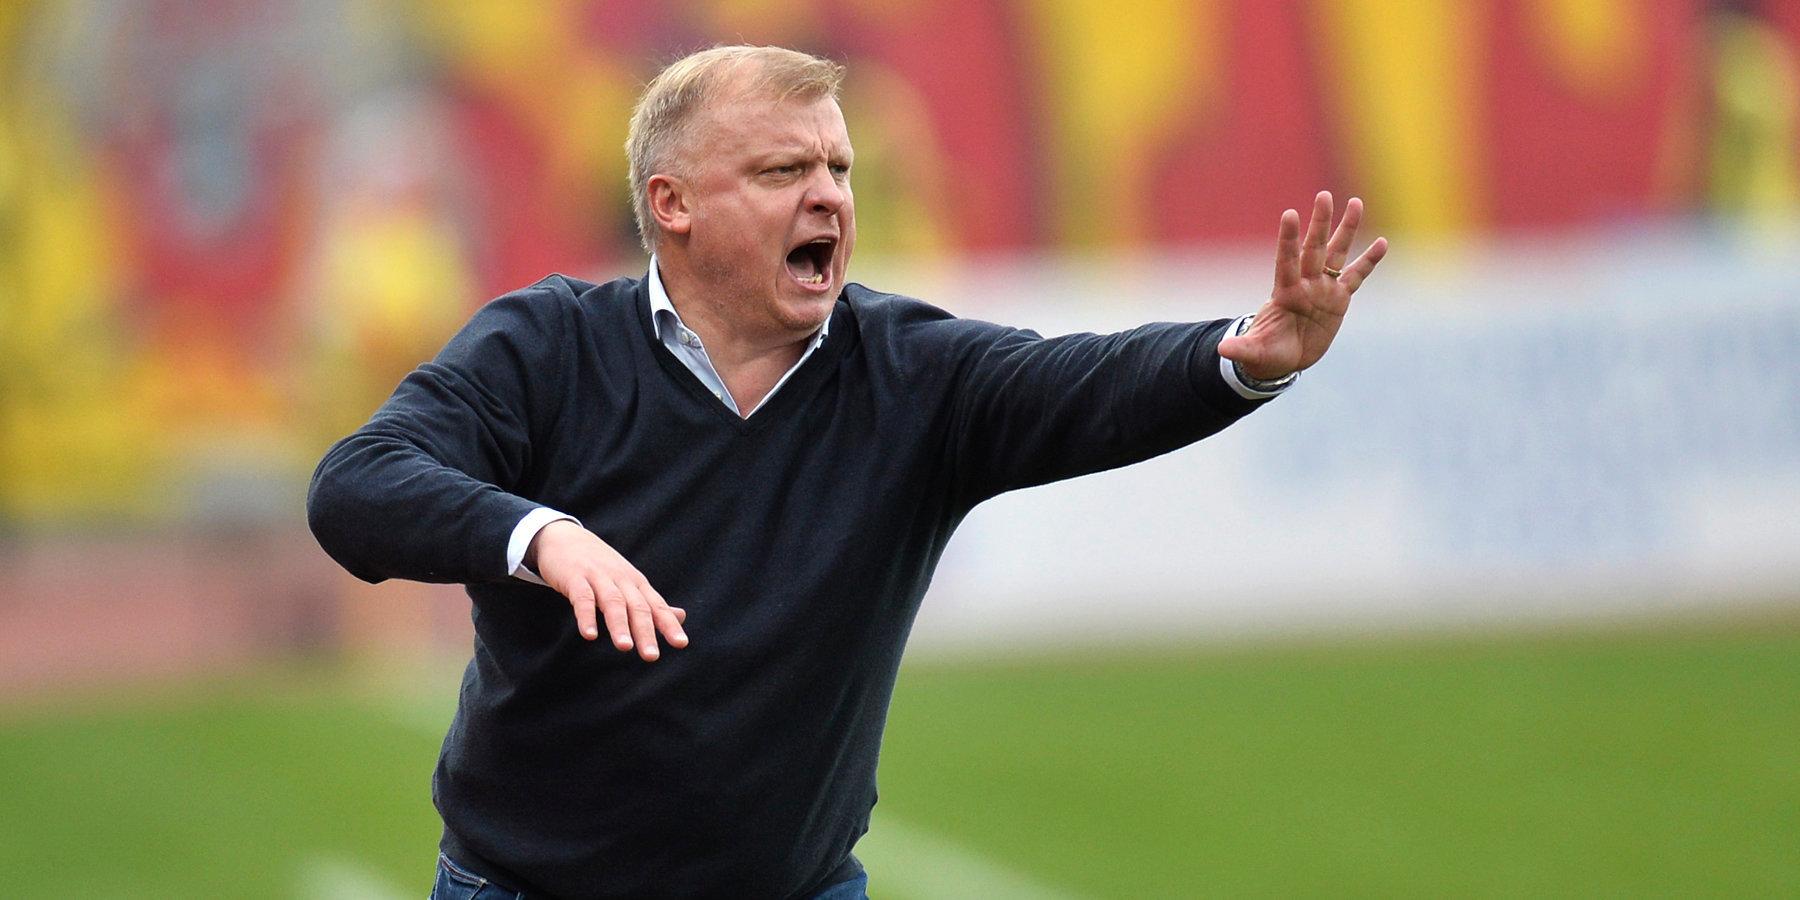 Сергей Кирьяков — о ситуации в группе сборной России: «Сейчас здесь неразбериха. Каждый обыгрывает каждого, все теряют очки»